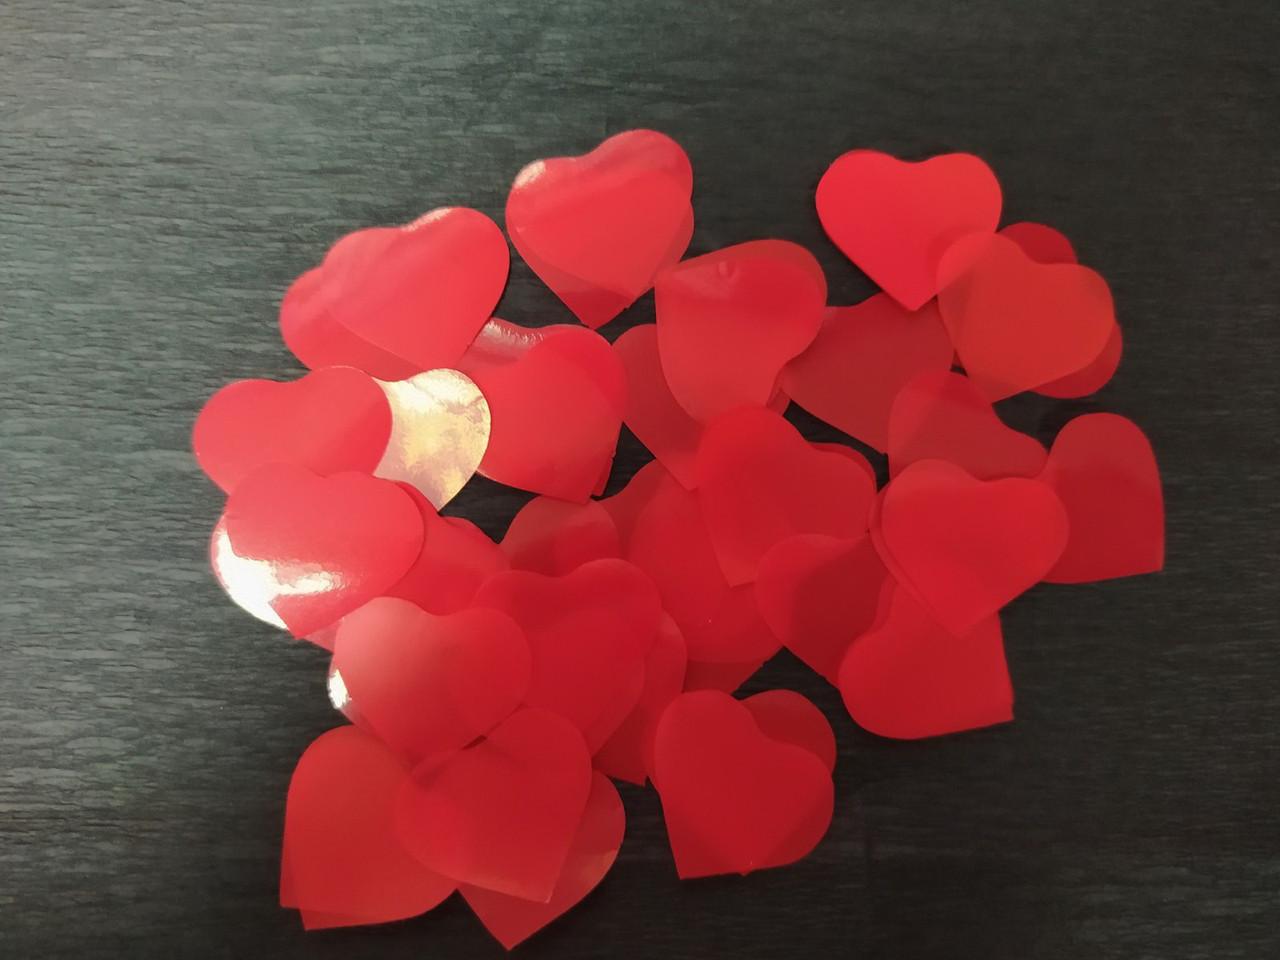 Аксесуари для свята конфеті сердечка червоний 23мм 100гр